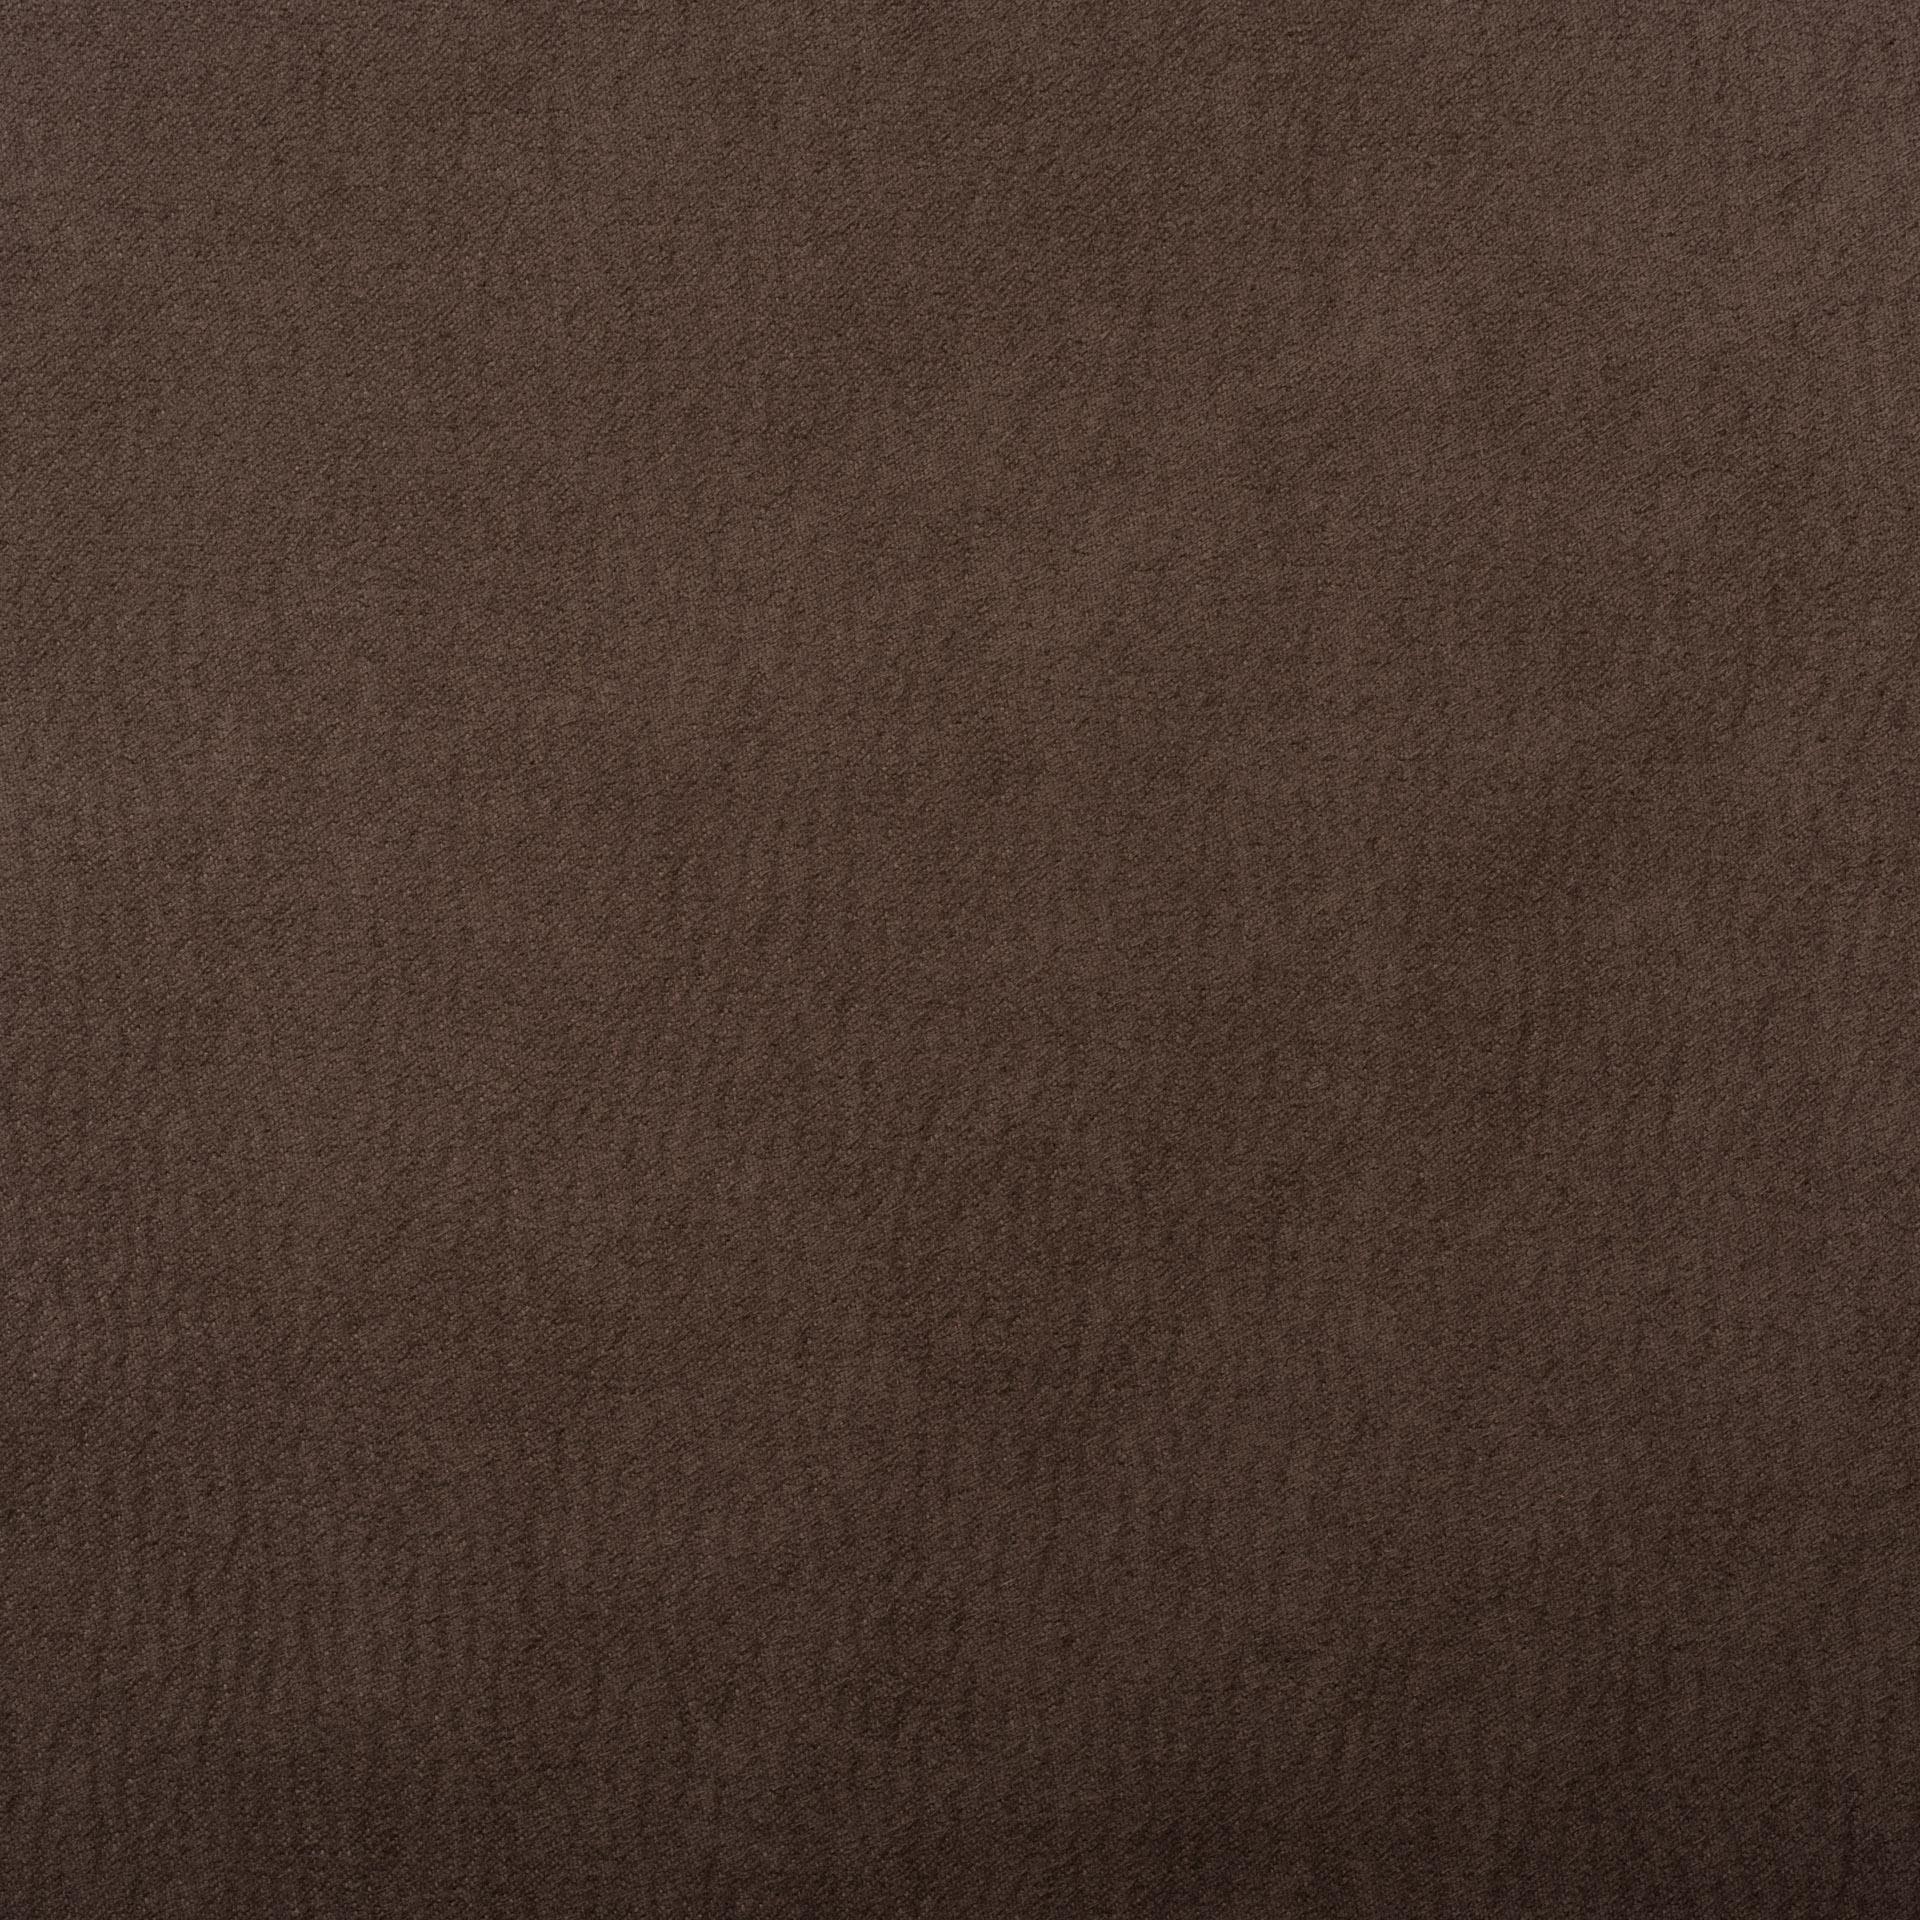 Коллекция ткани Нубук 08 WOLF,  купить ткань Велюр для мебели Украина